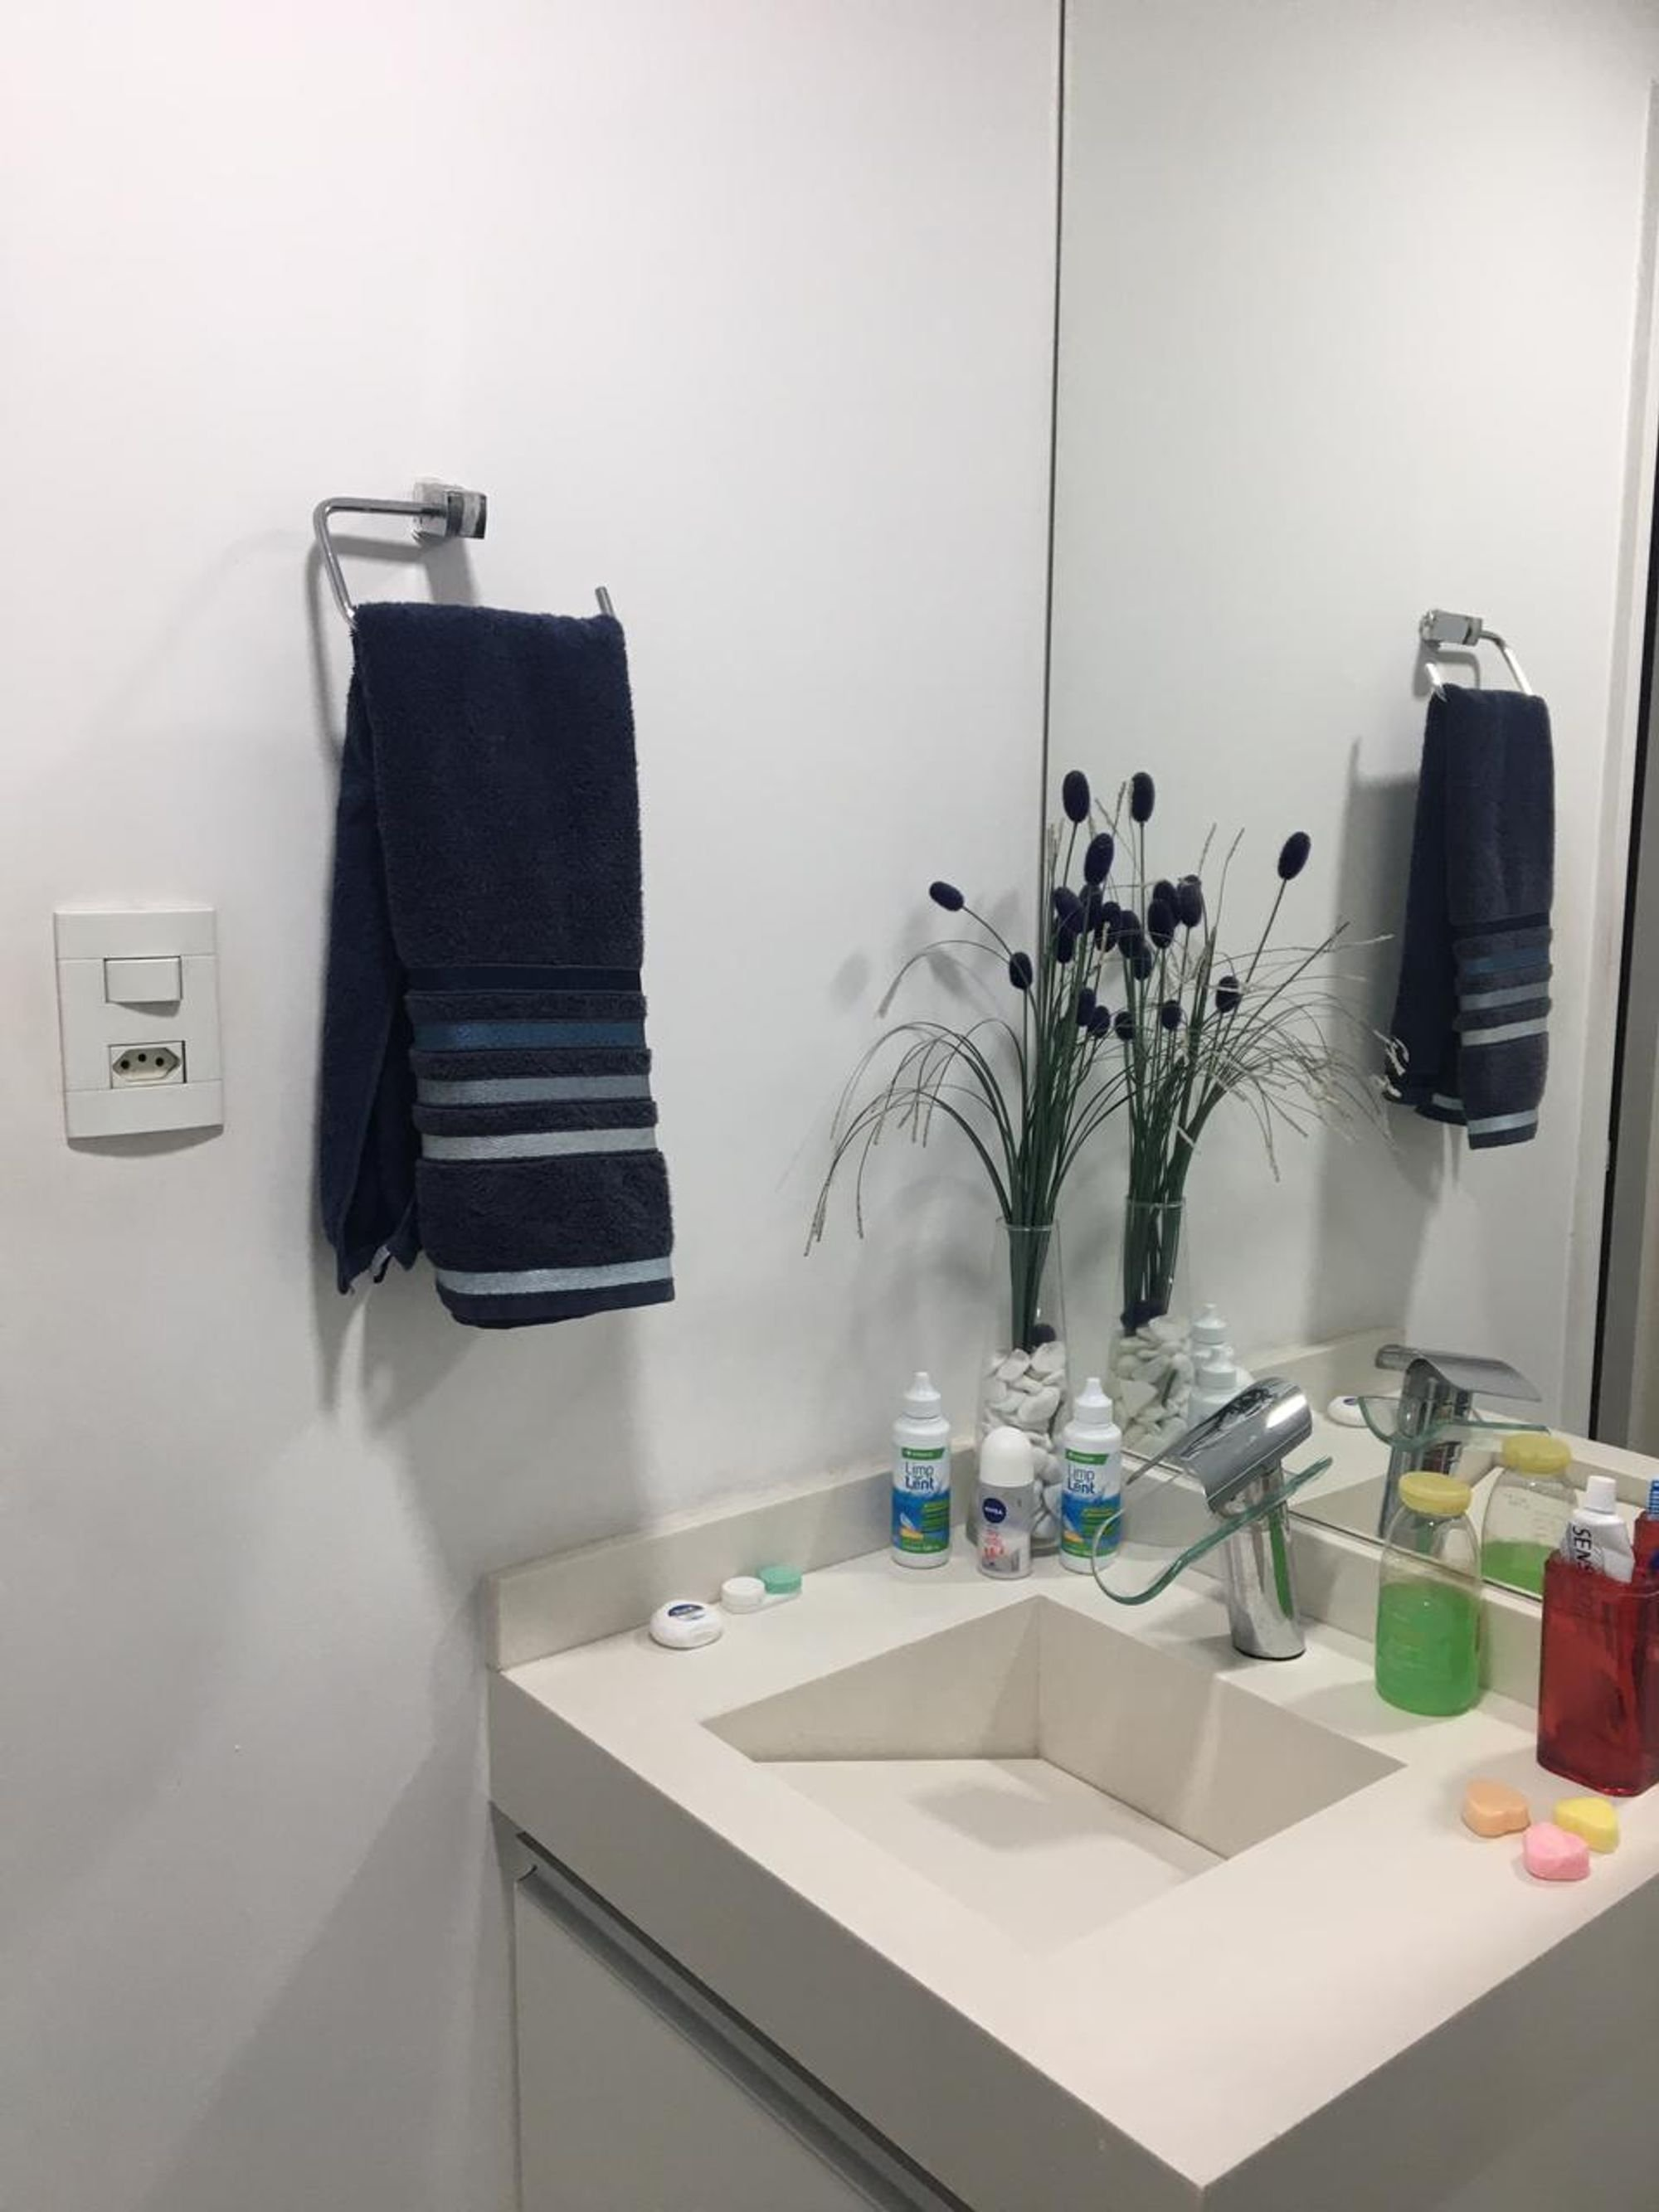 Foto de Banheiro com vaso de planta, vaso, garrafa, pia